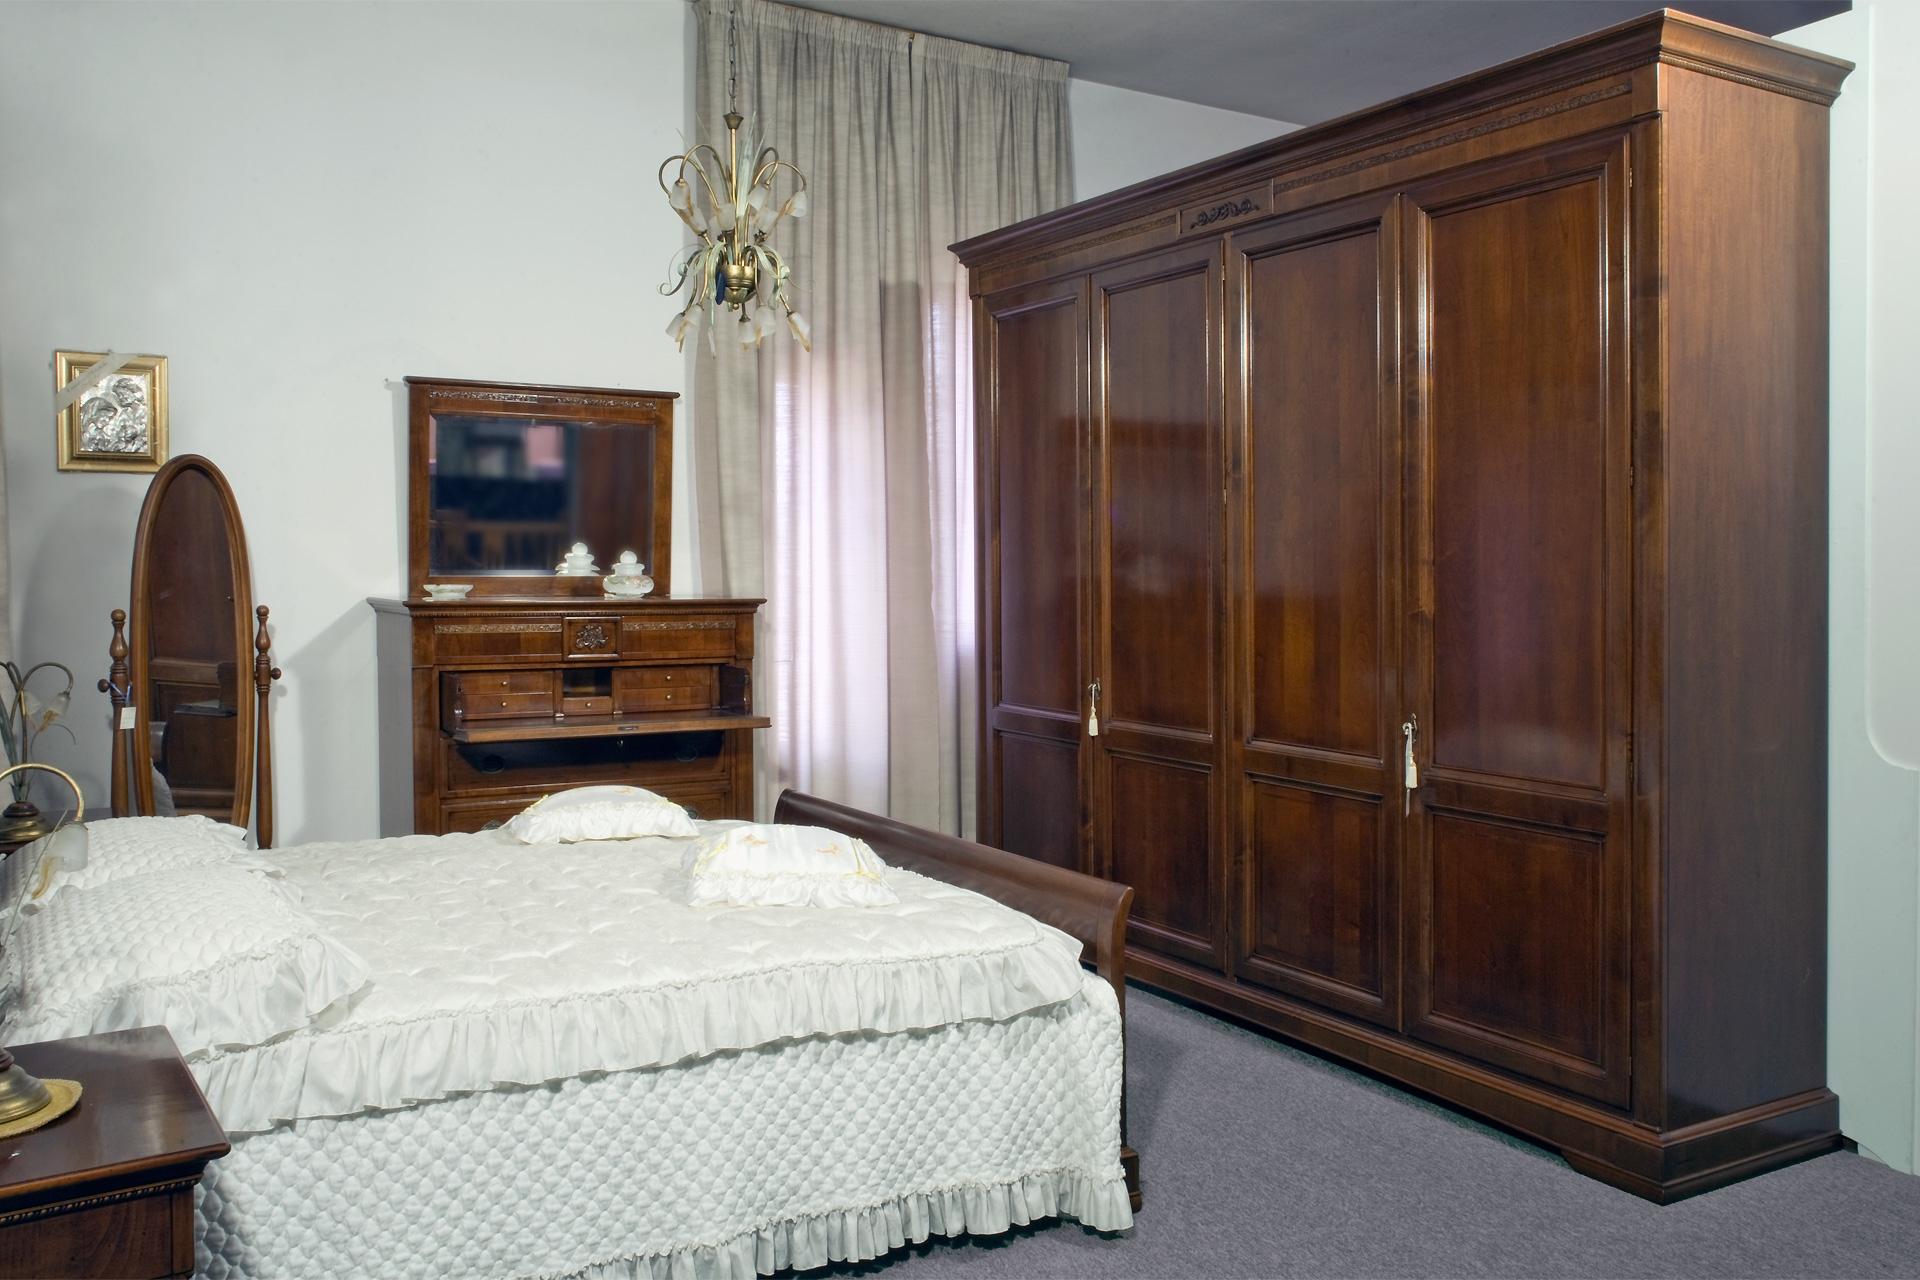 Camera cezanne in vero legno completa a prezzo ribassato for Piombini arredamenti